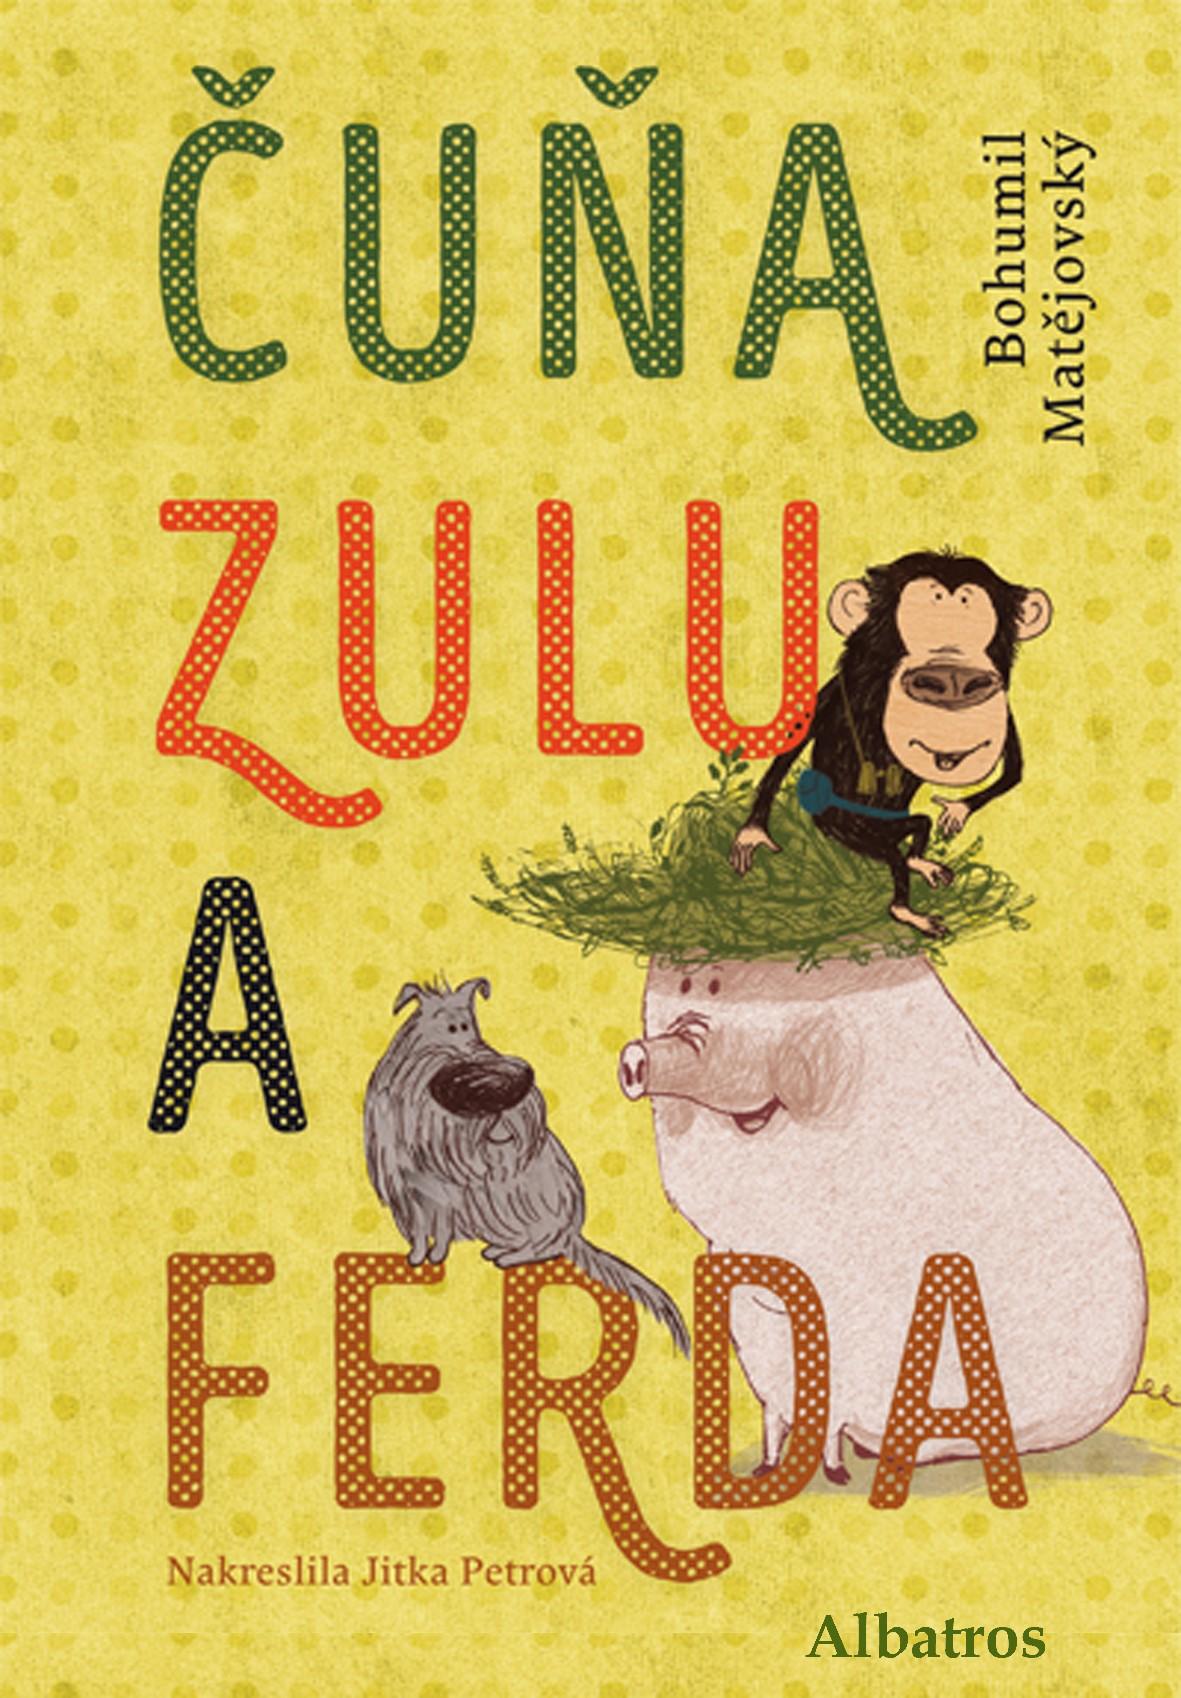 Čuňa, Zulu a Ferda | Bohumil Matějovský